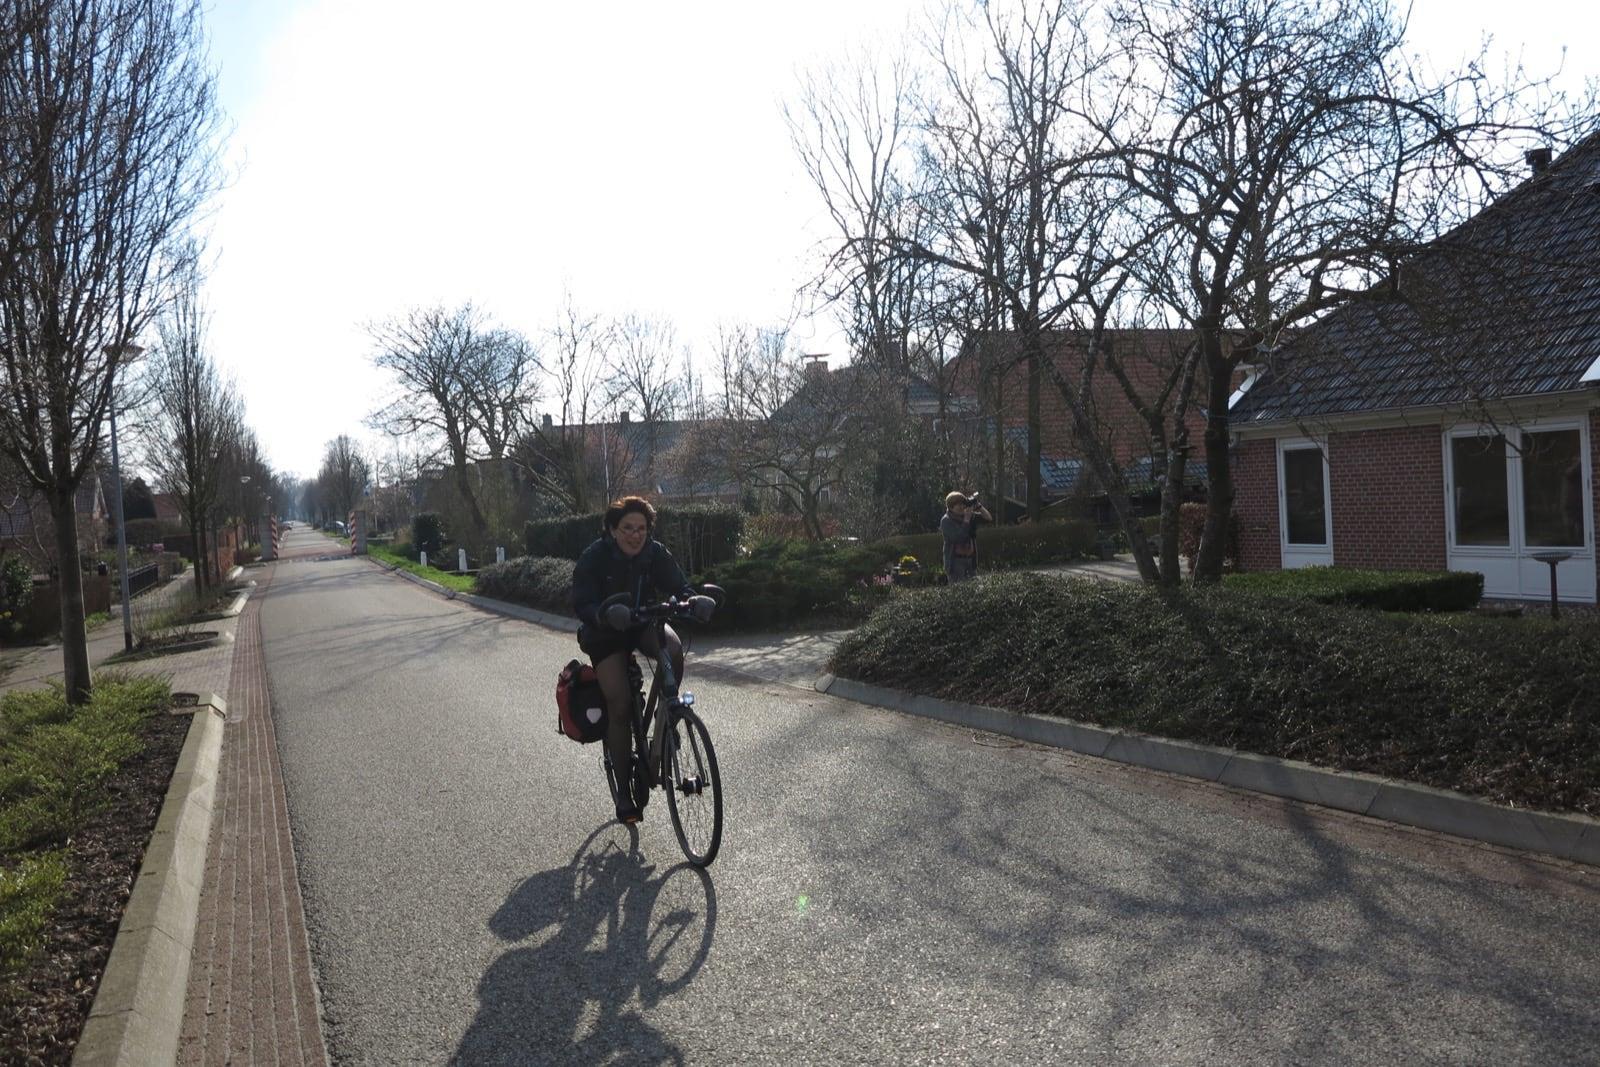 et-fiets-en-fietser-27-isabelle-van-gelder-oi.jpg